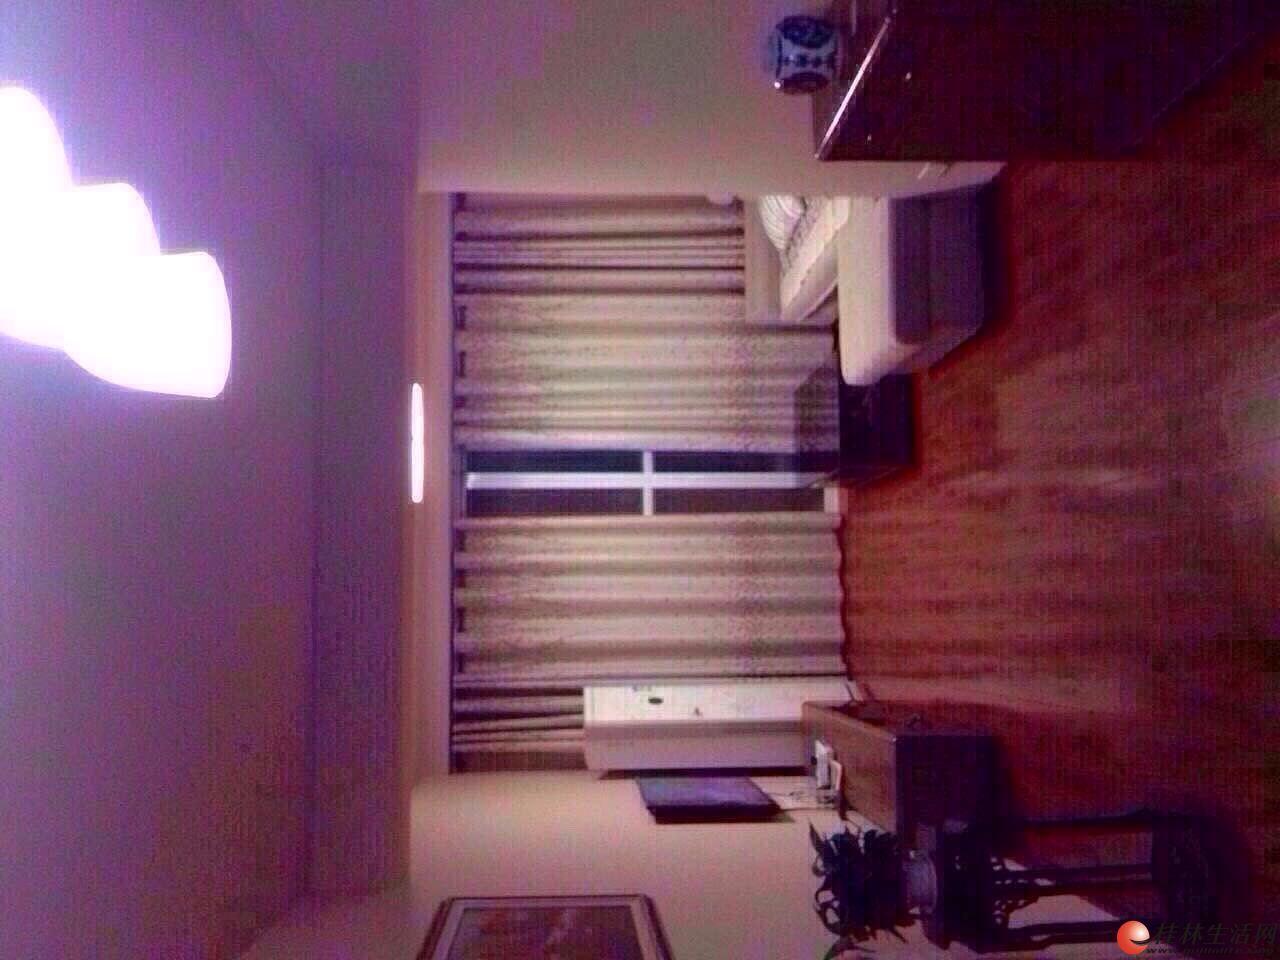 0七星区彰泰兰乔圣菲 2室2厅1卫 88平米 精装 电梯5楼 3300元